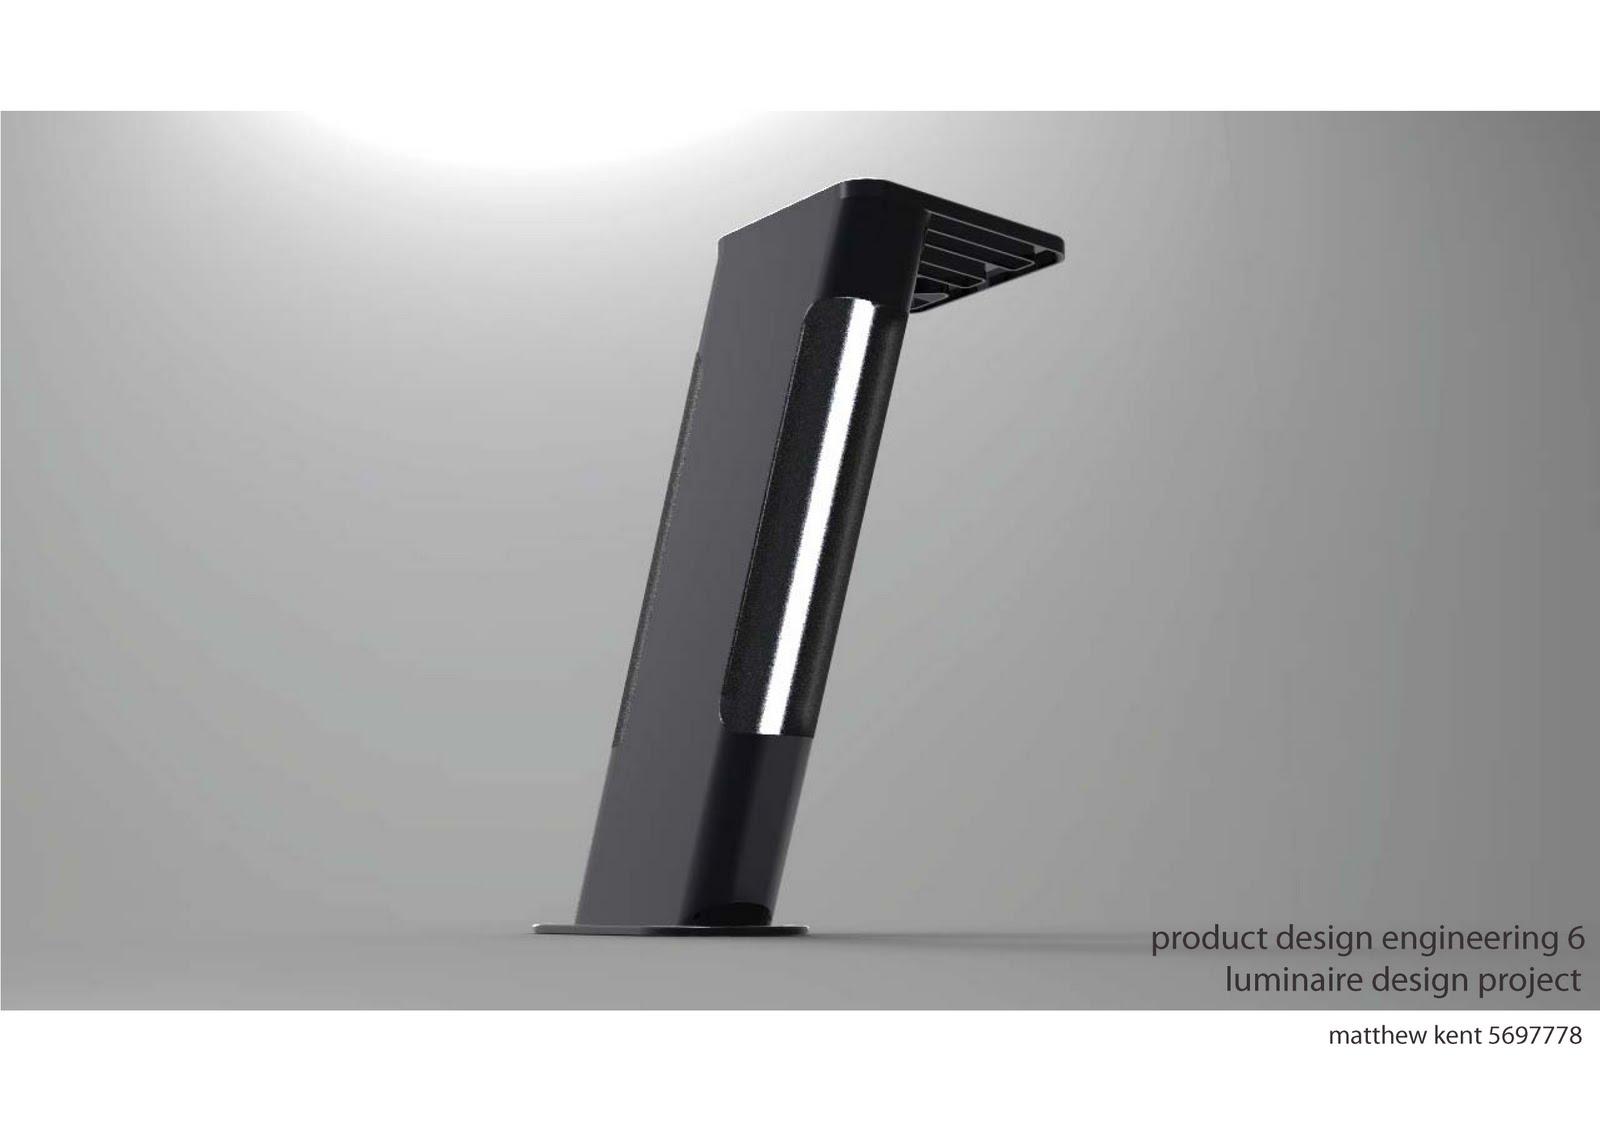 Stunning Luminaire Design 1600 x 1131 · 61 kB · jpeg